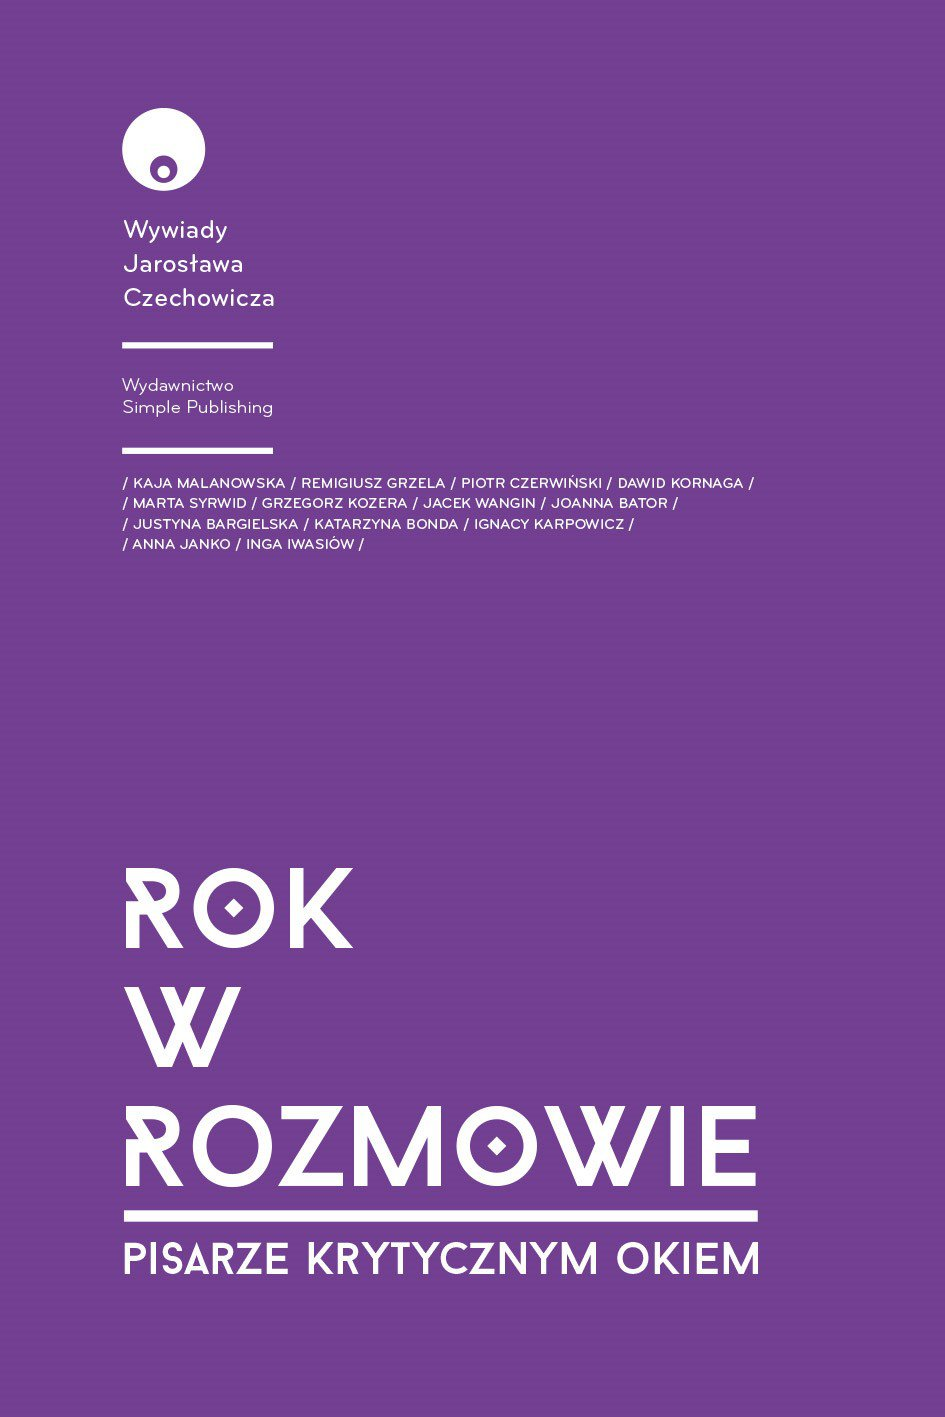 Rok w rozmowie. Pisarze krytycznym okiem - Ebook (Książka na Kindle) do pobrania w formacie MOBI